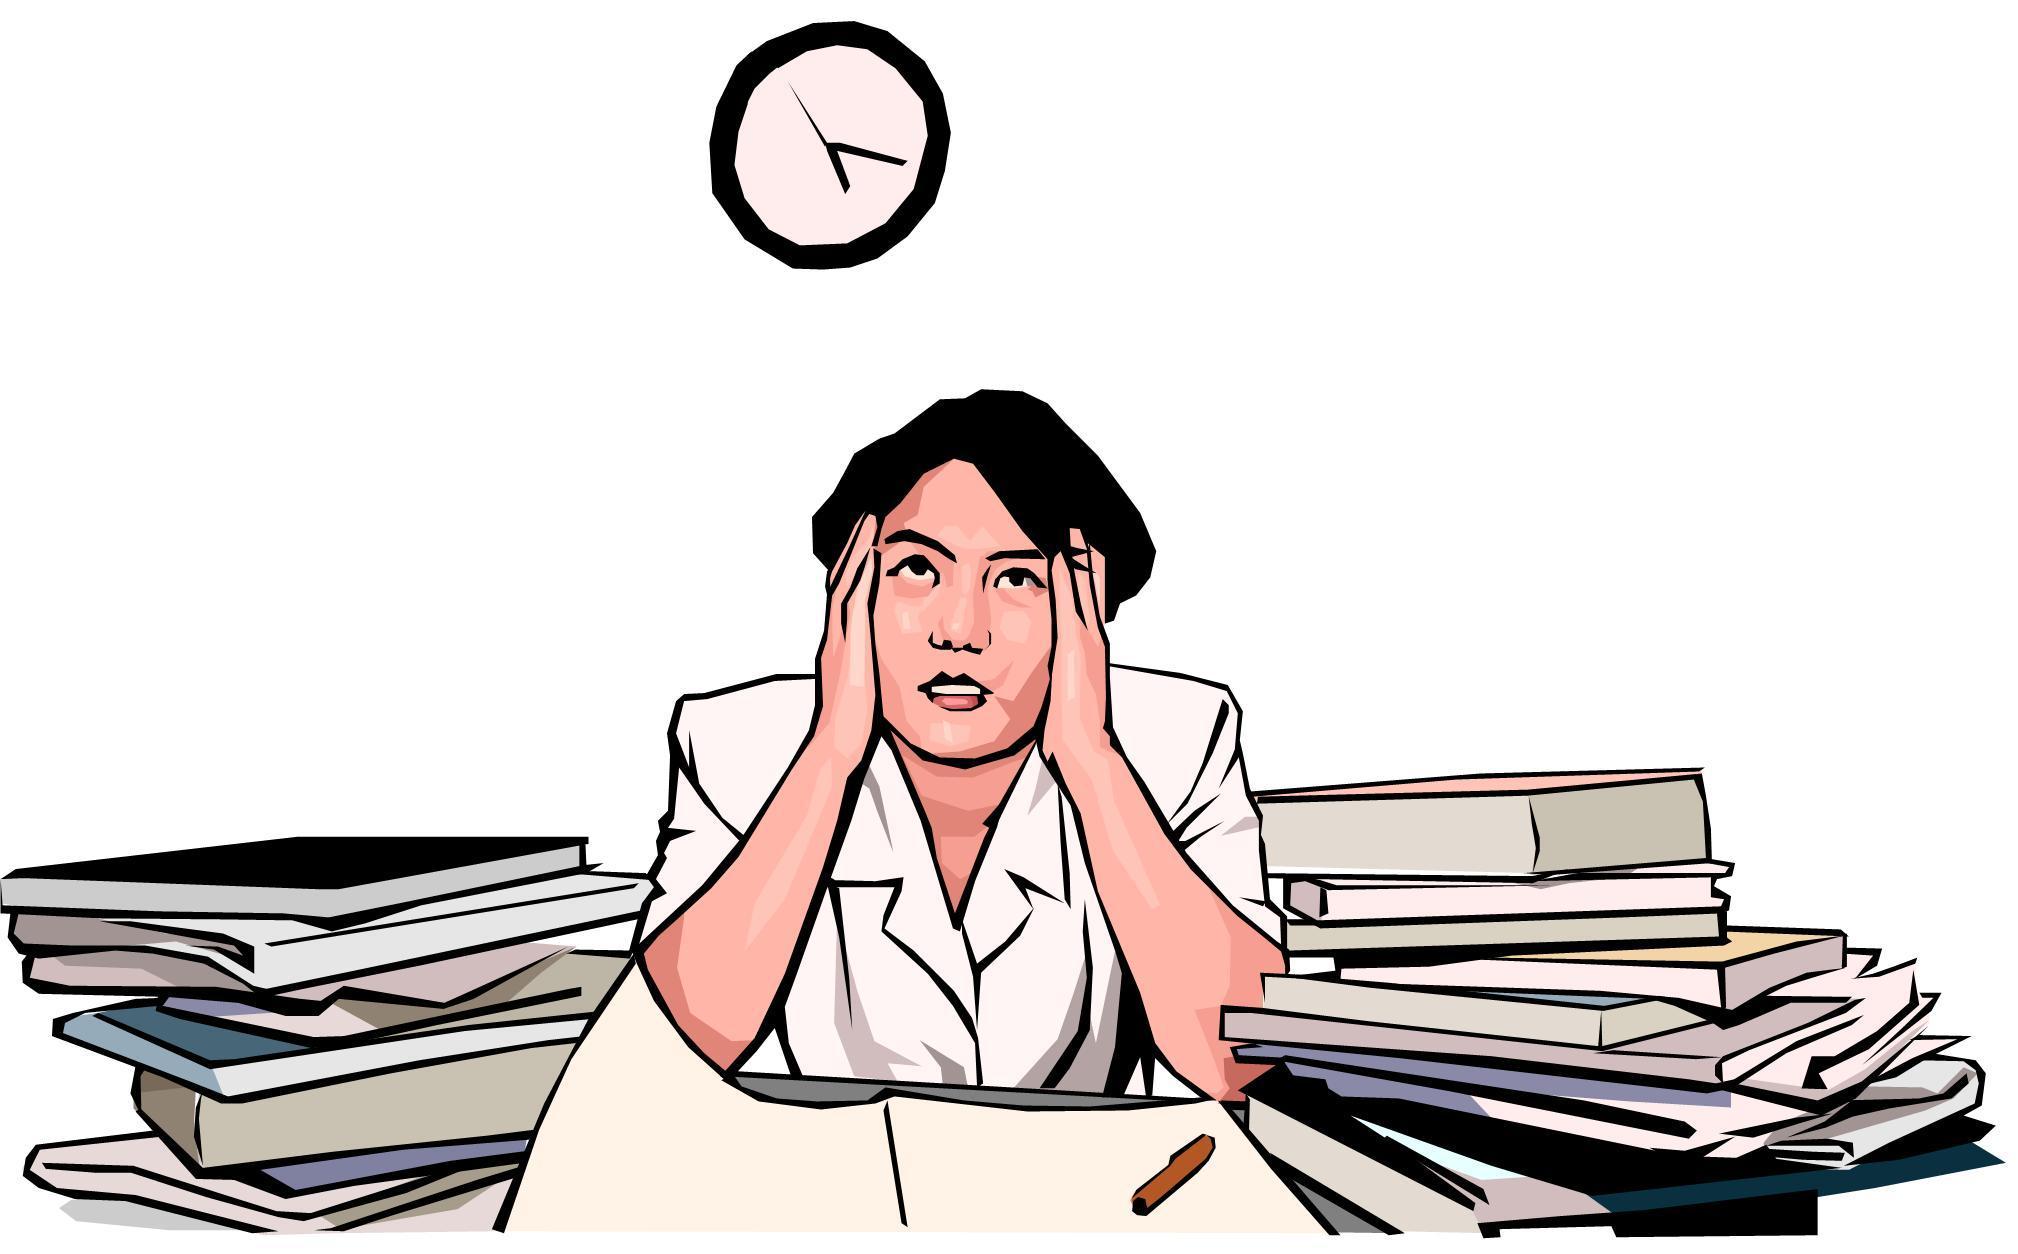 Stress clipart teacher's. Teacher portal